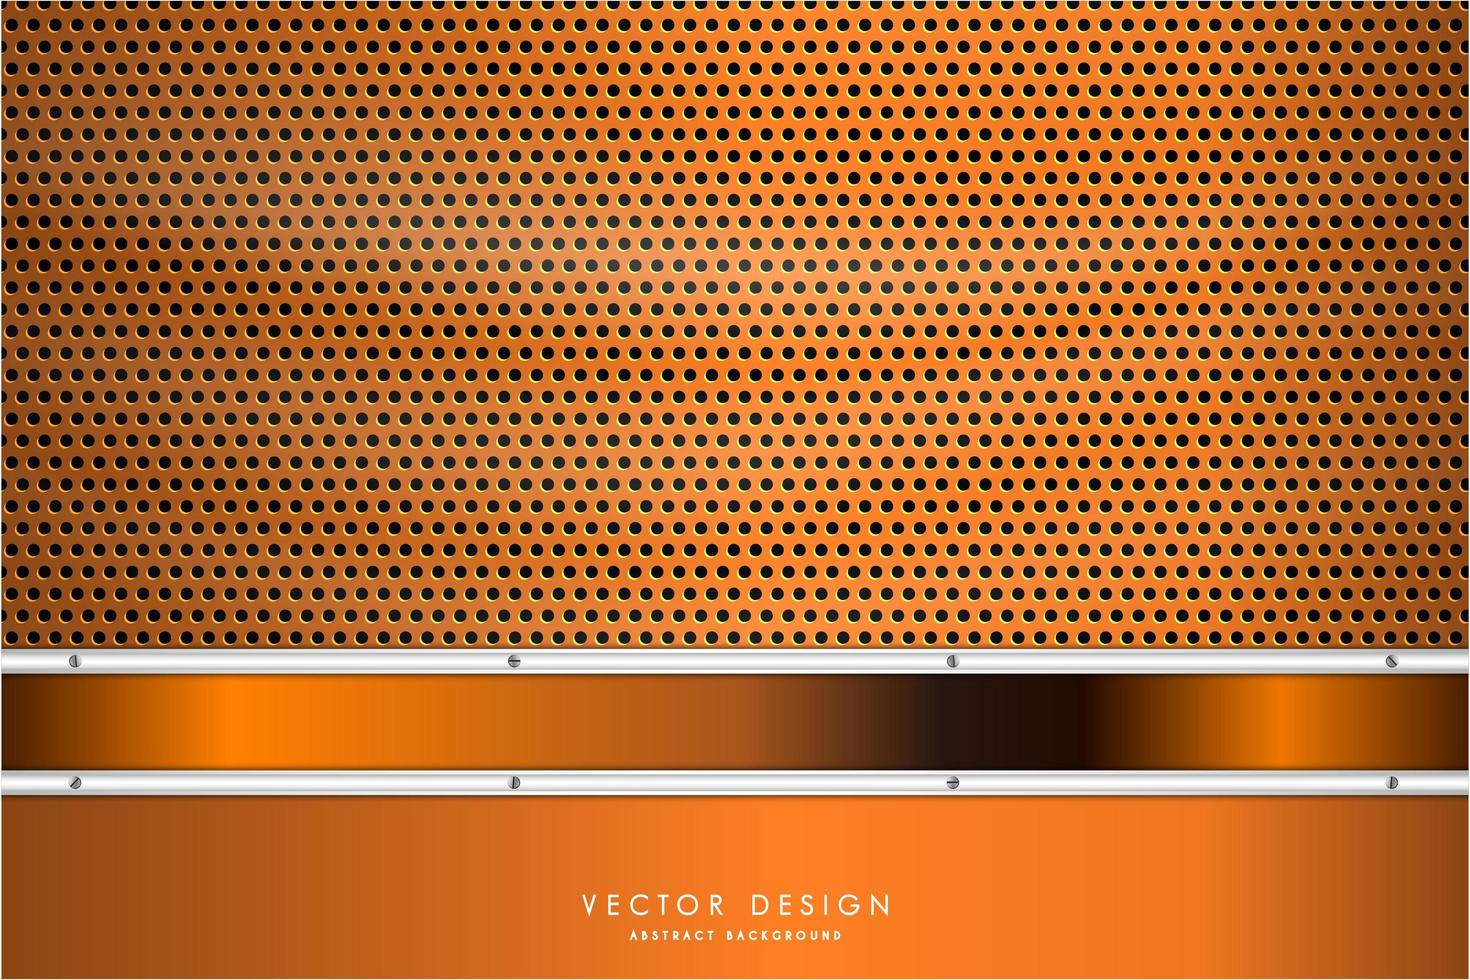 bordure orange et argentée avec texture en fibre de carbone vecteur